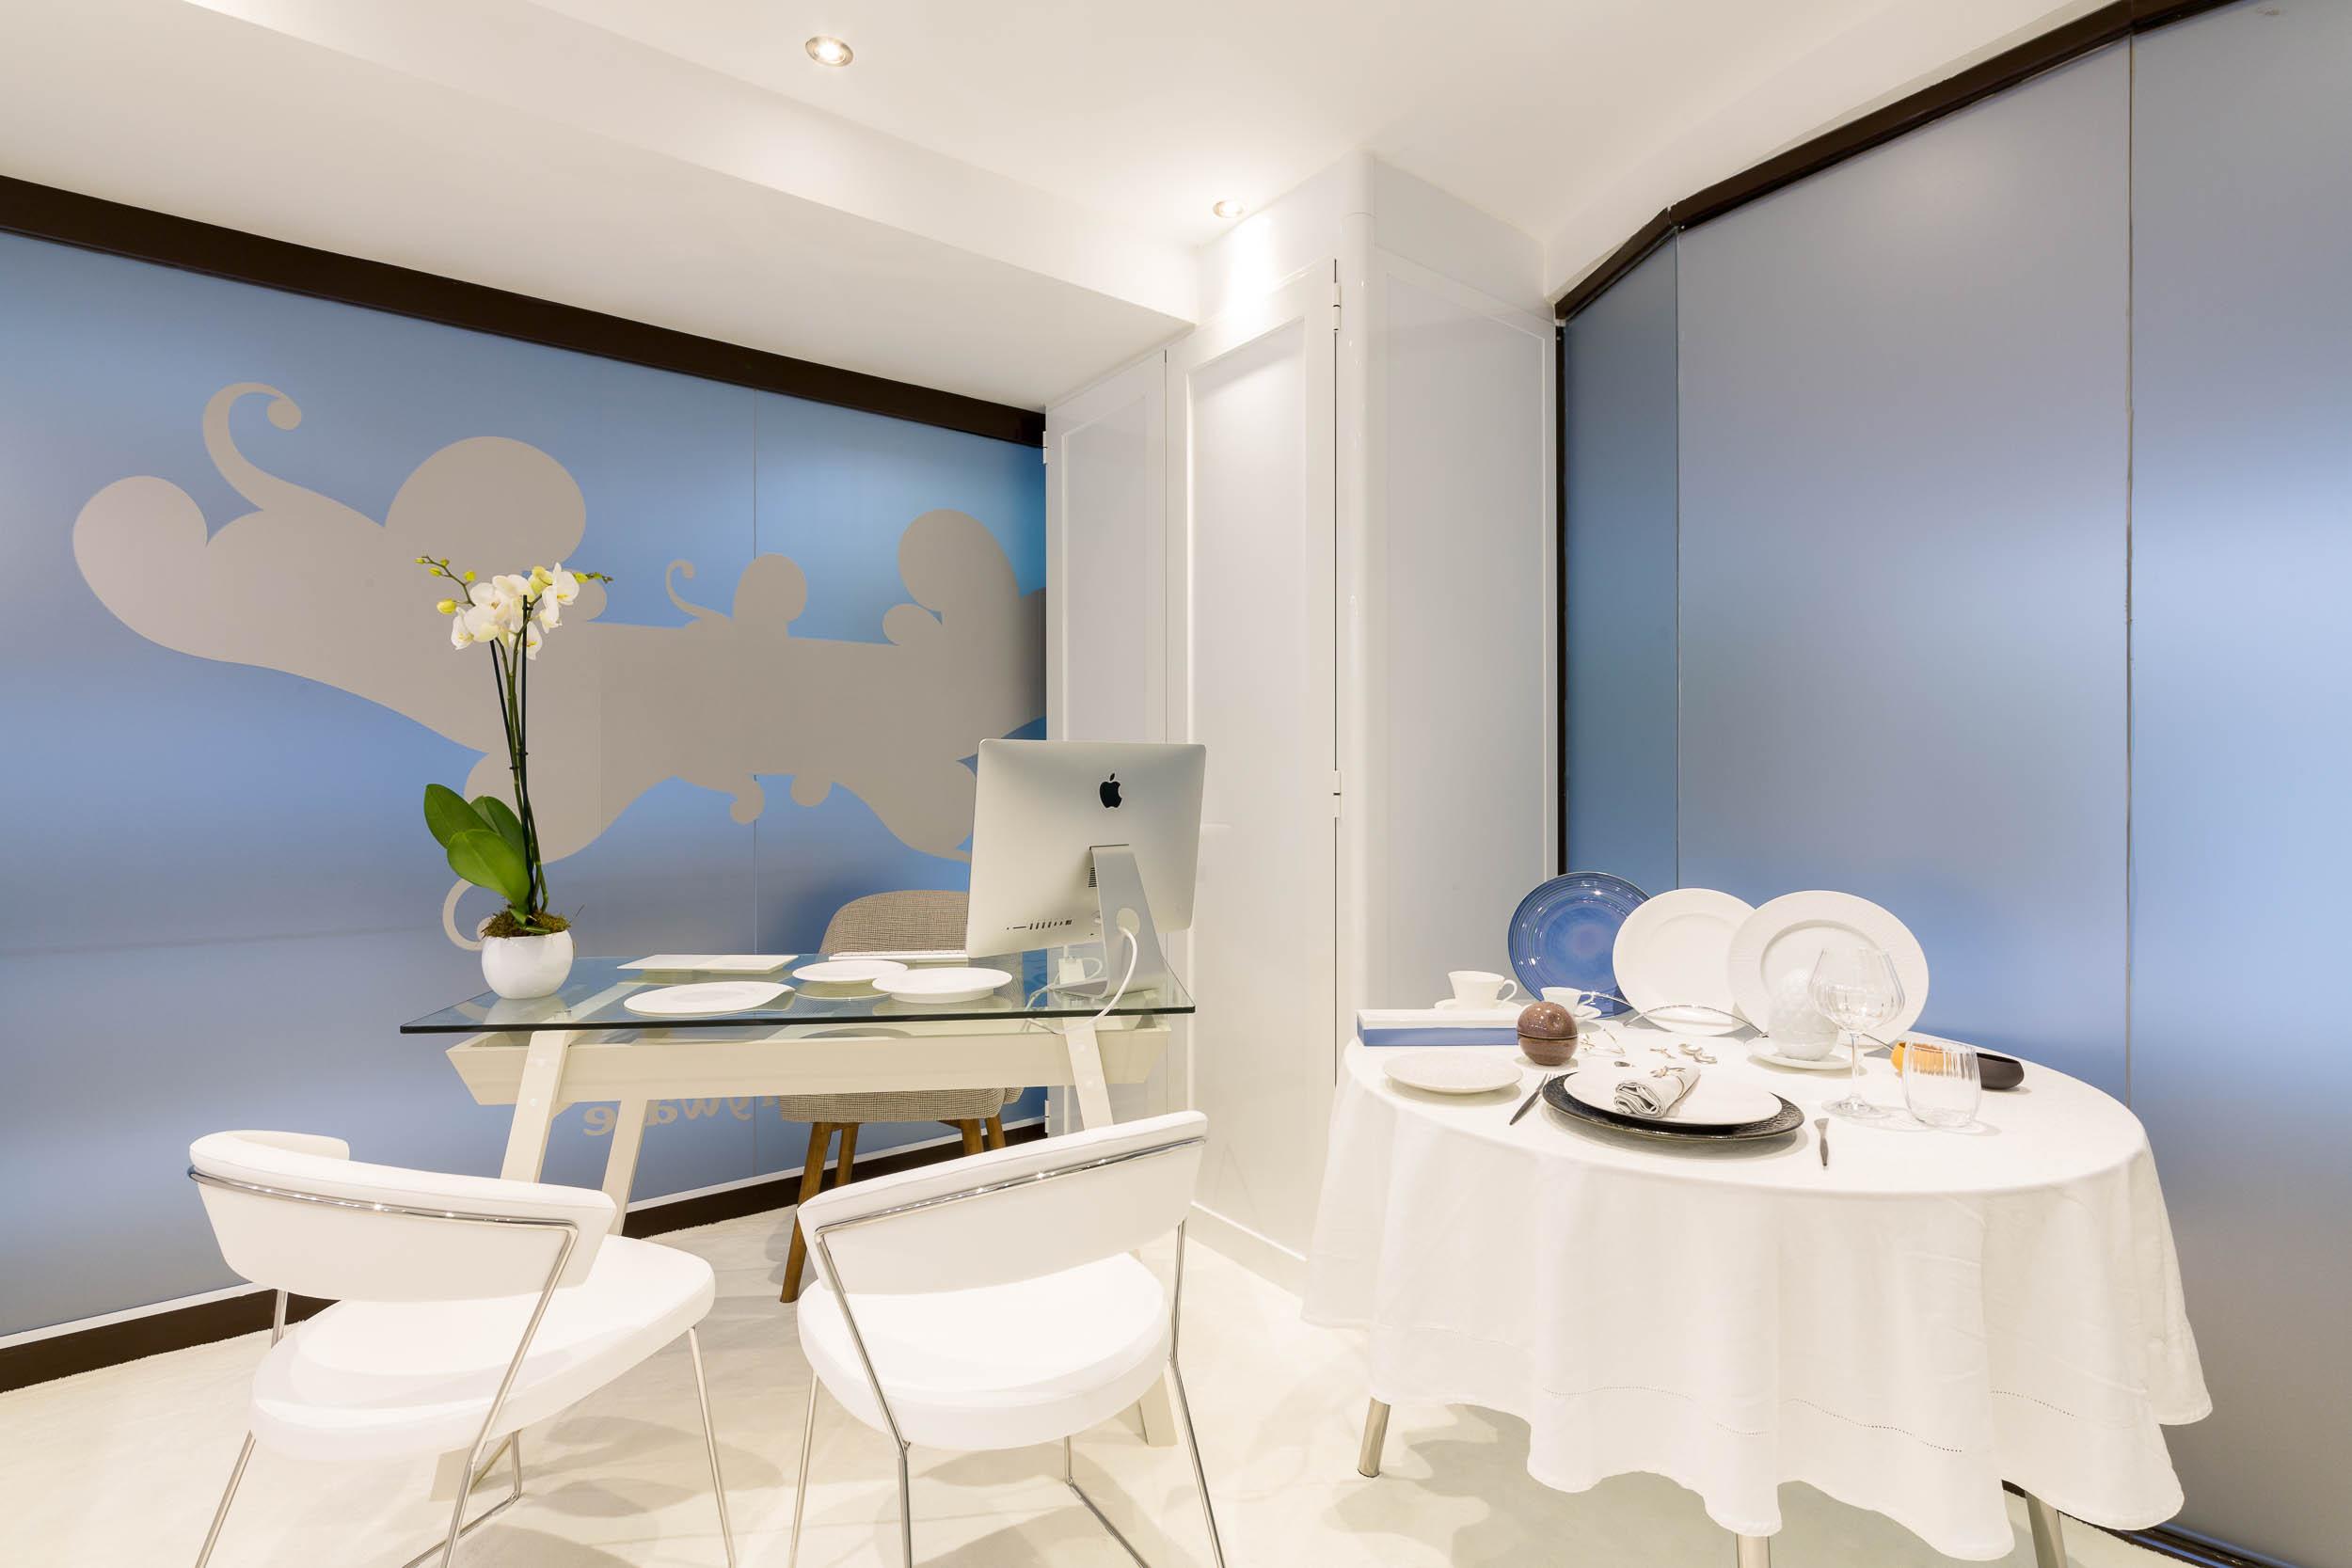 mymuybueno_interiors_ exteriors_17.jpg